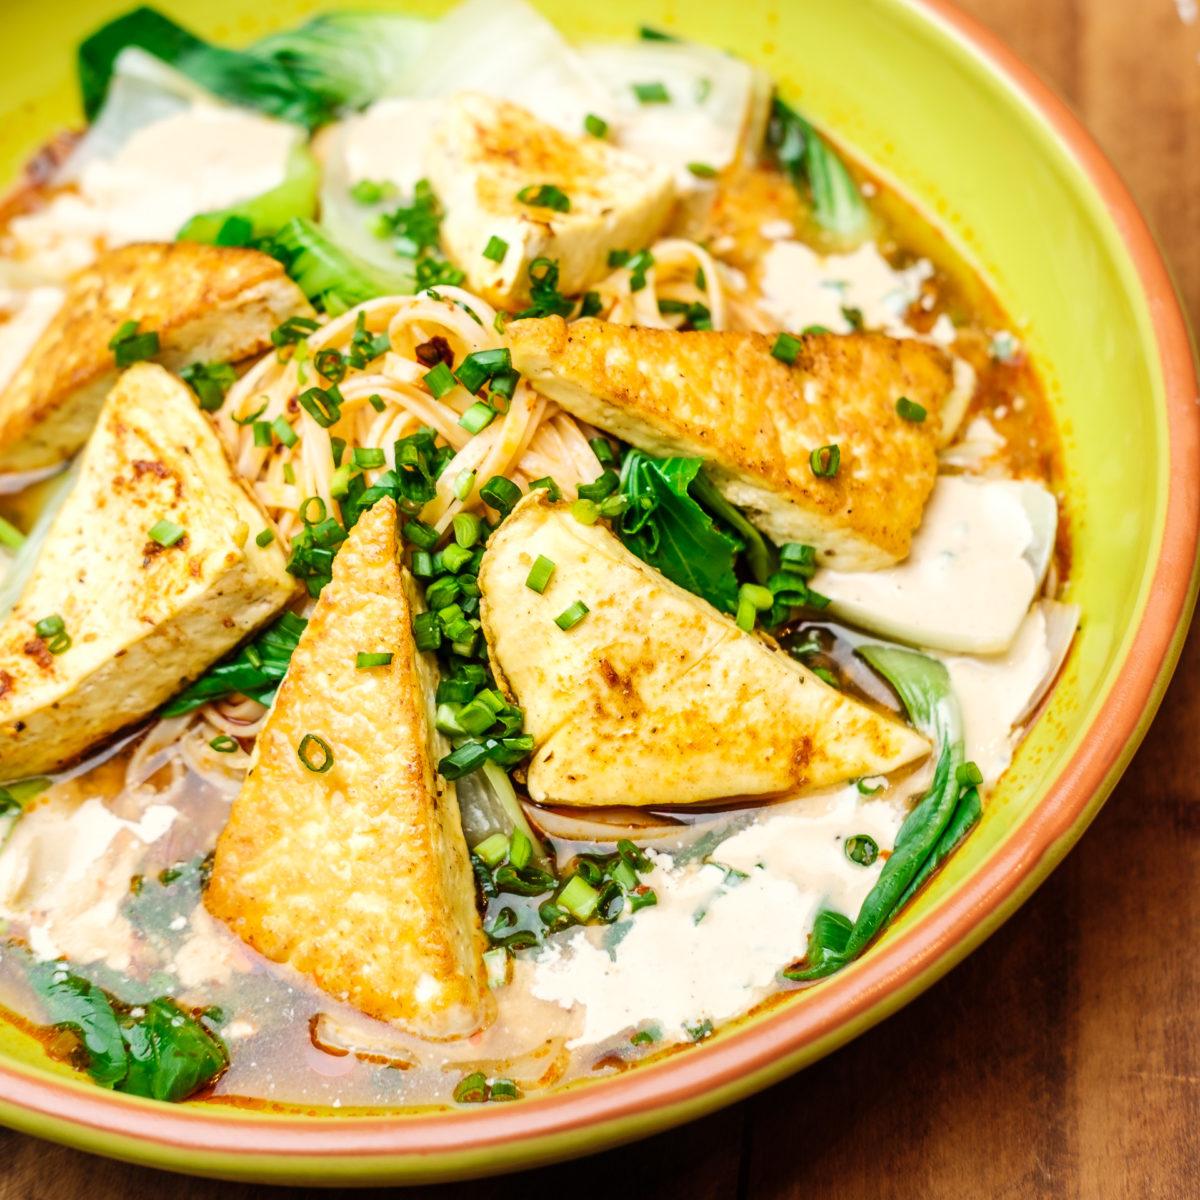 Gebratener Tofu mit Reisnudeln, Pakchoi in Sesamsauce